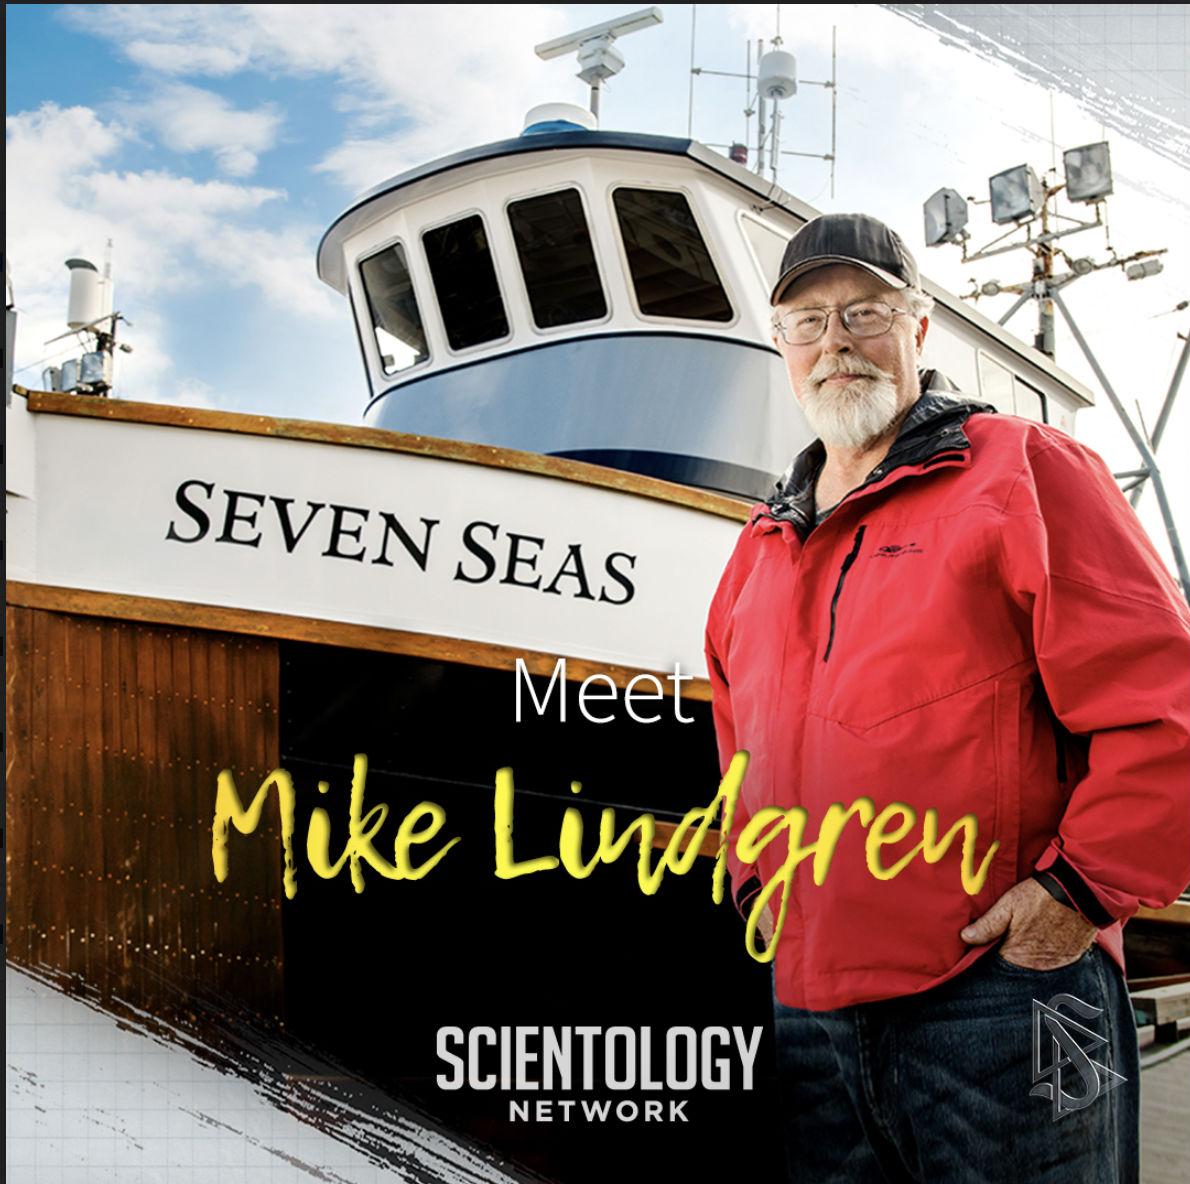 Poznejte scientologa – Mike Lindgren